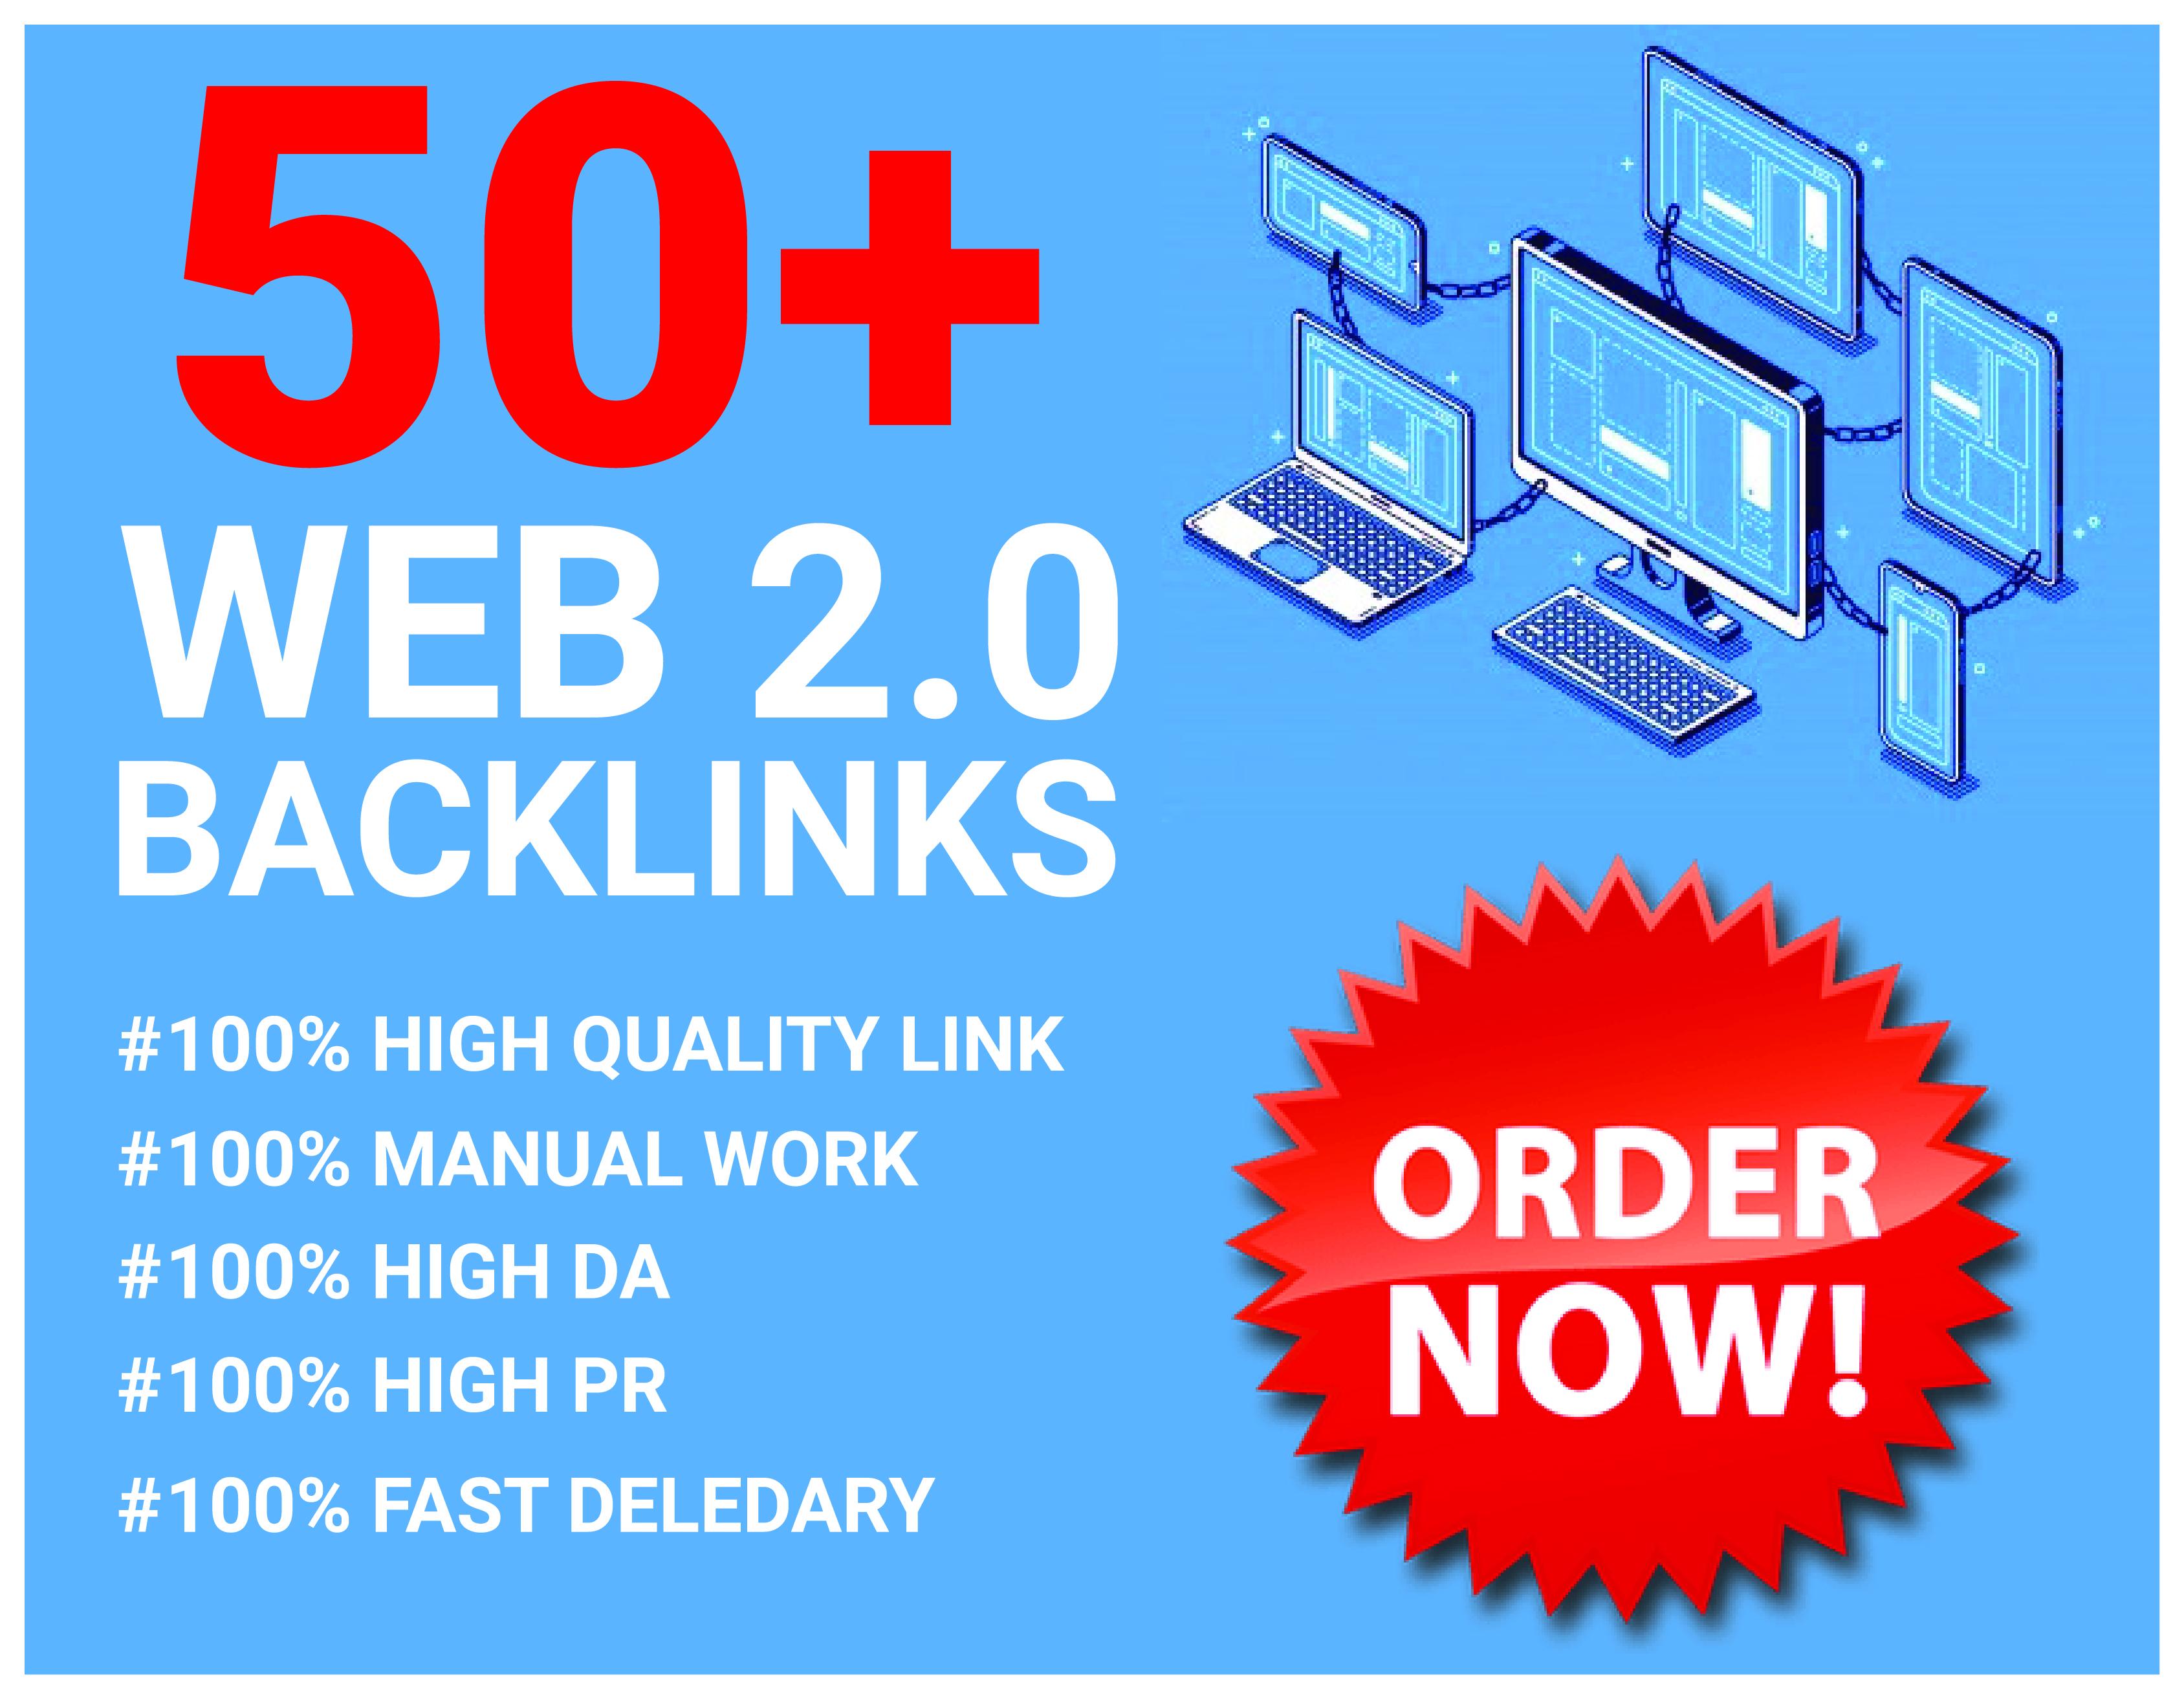 HQ 50+ DA/SA WEB 2.0 Backlinks For Ranking